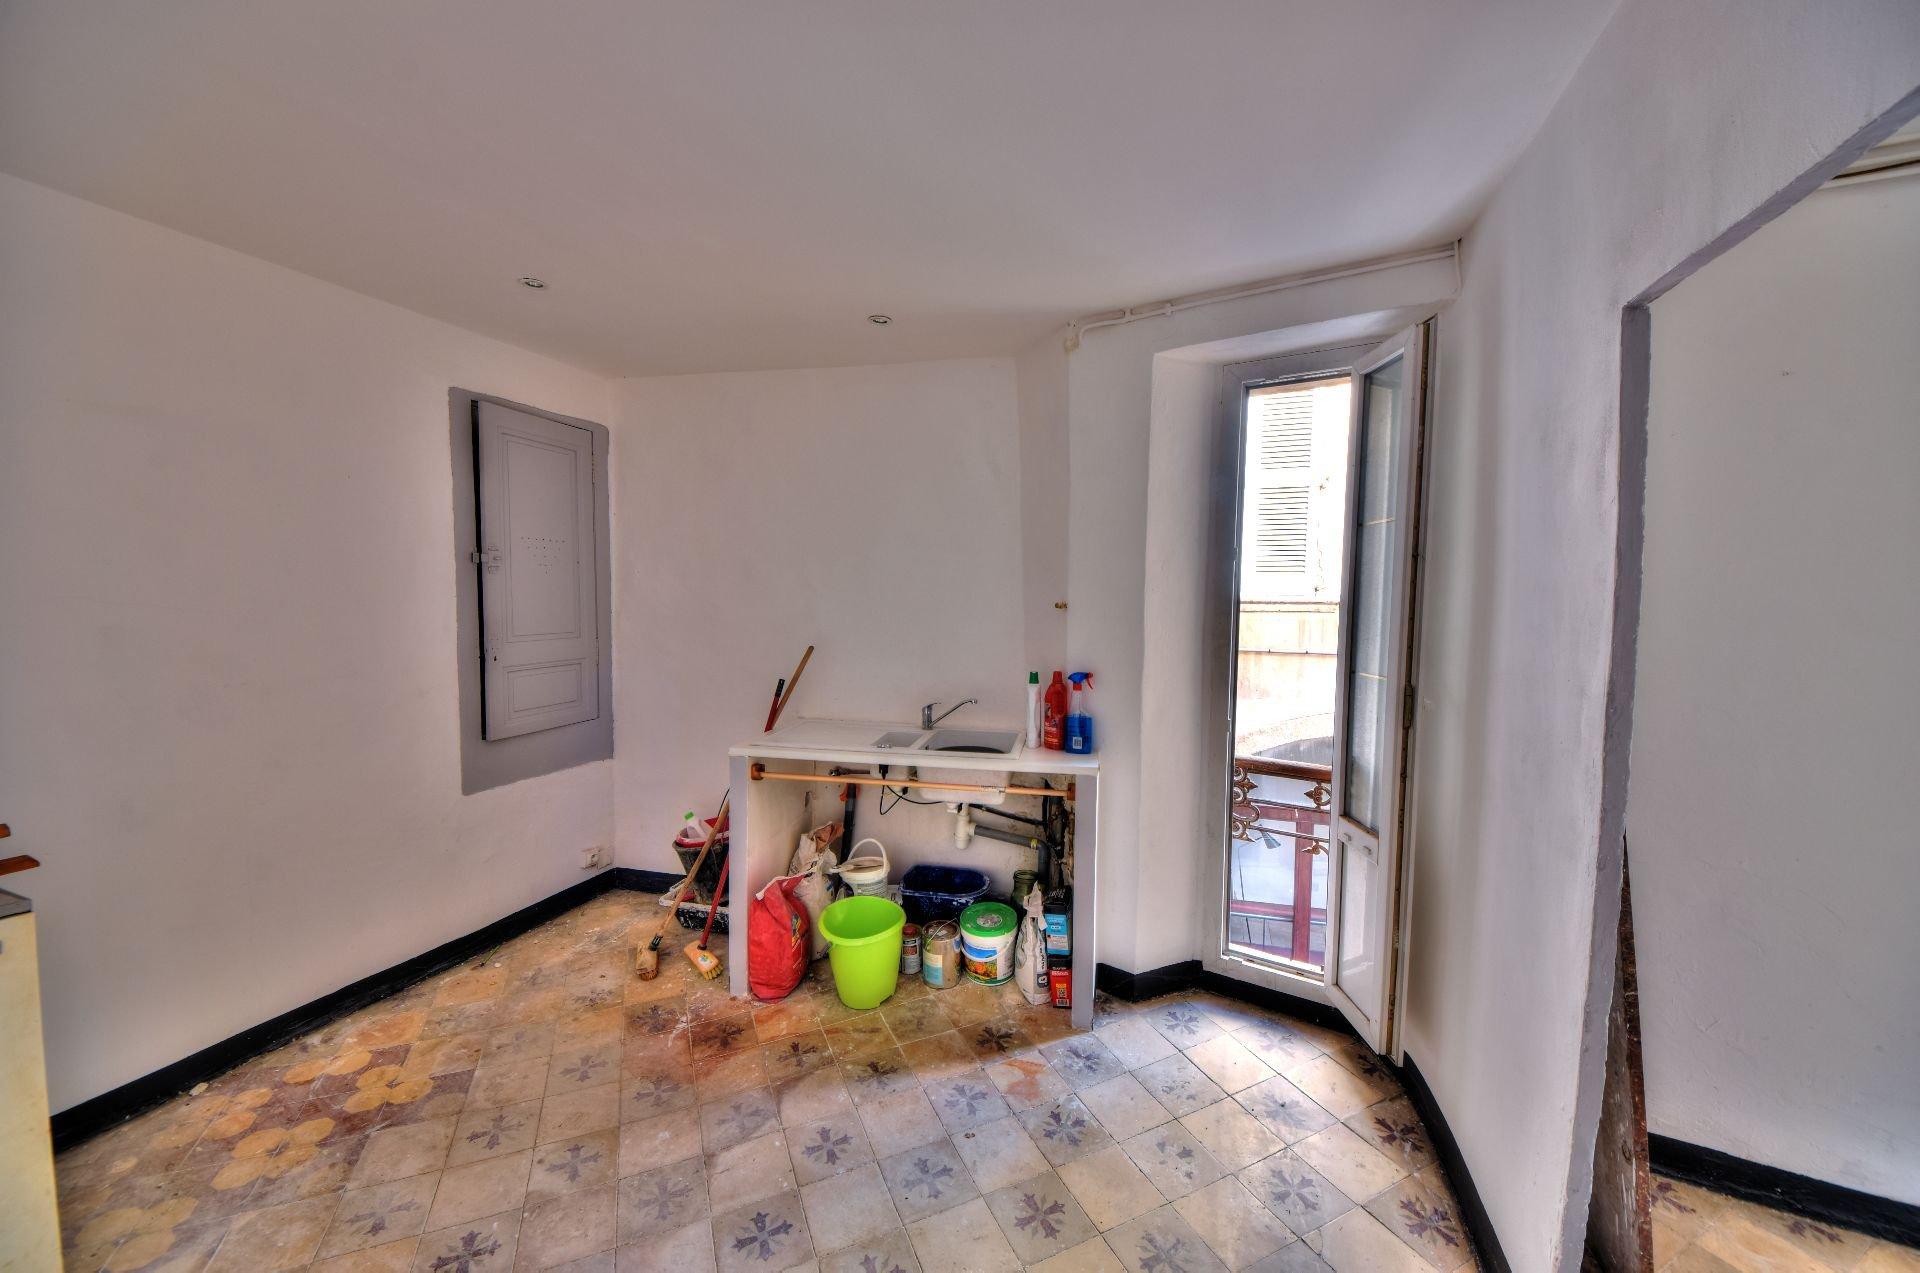 Cuisine de l'appartement deux pièces 1er étage dans Immeuble de trois appartements + un studio à rénover, Aups, Var, Provence